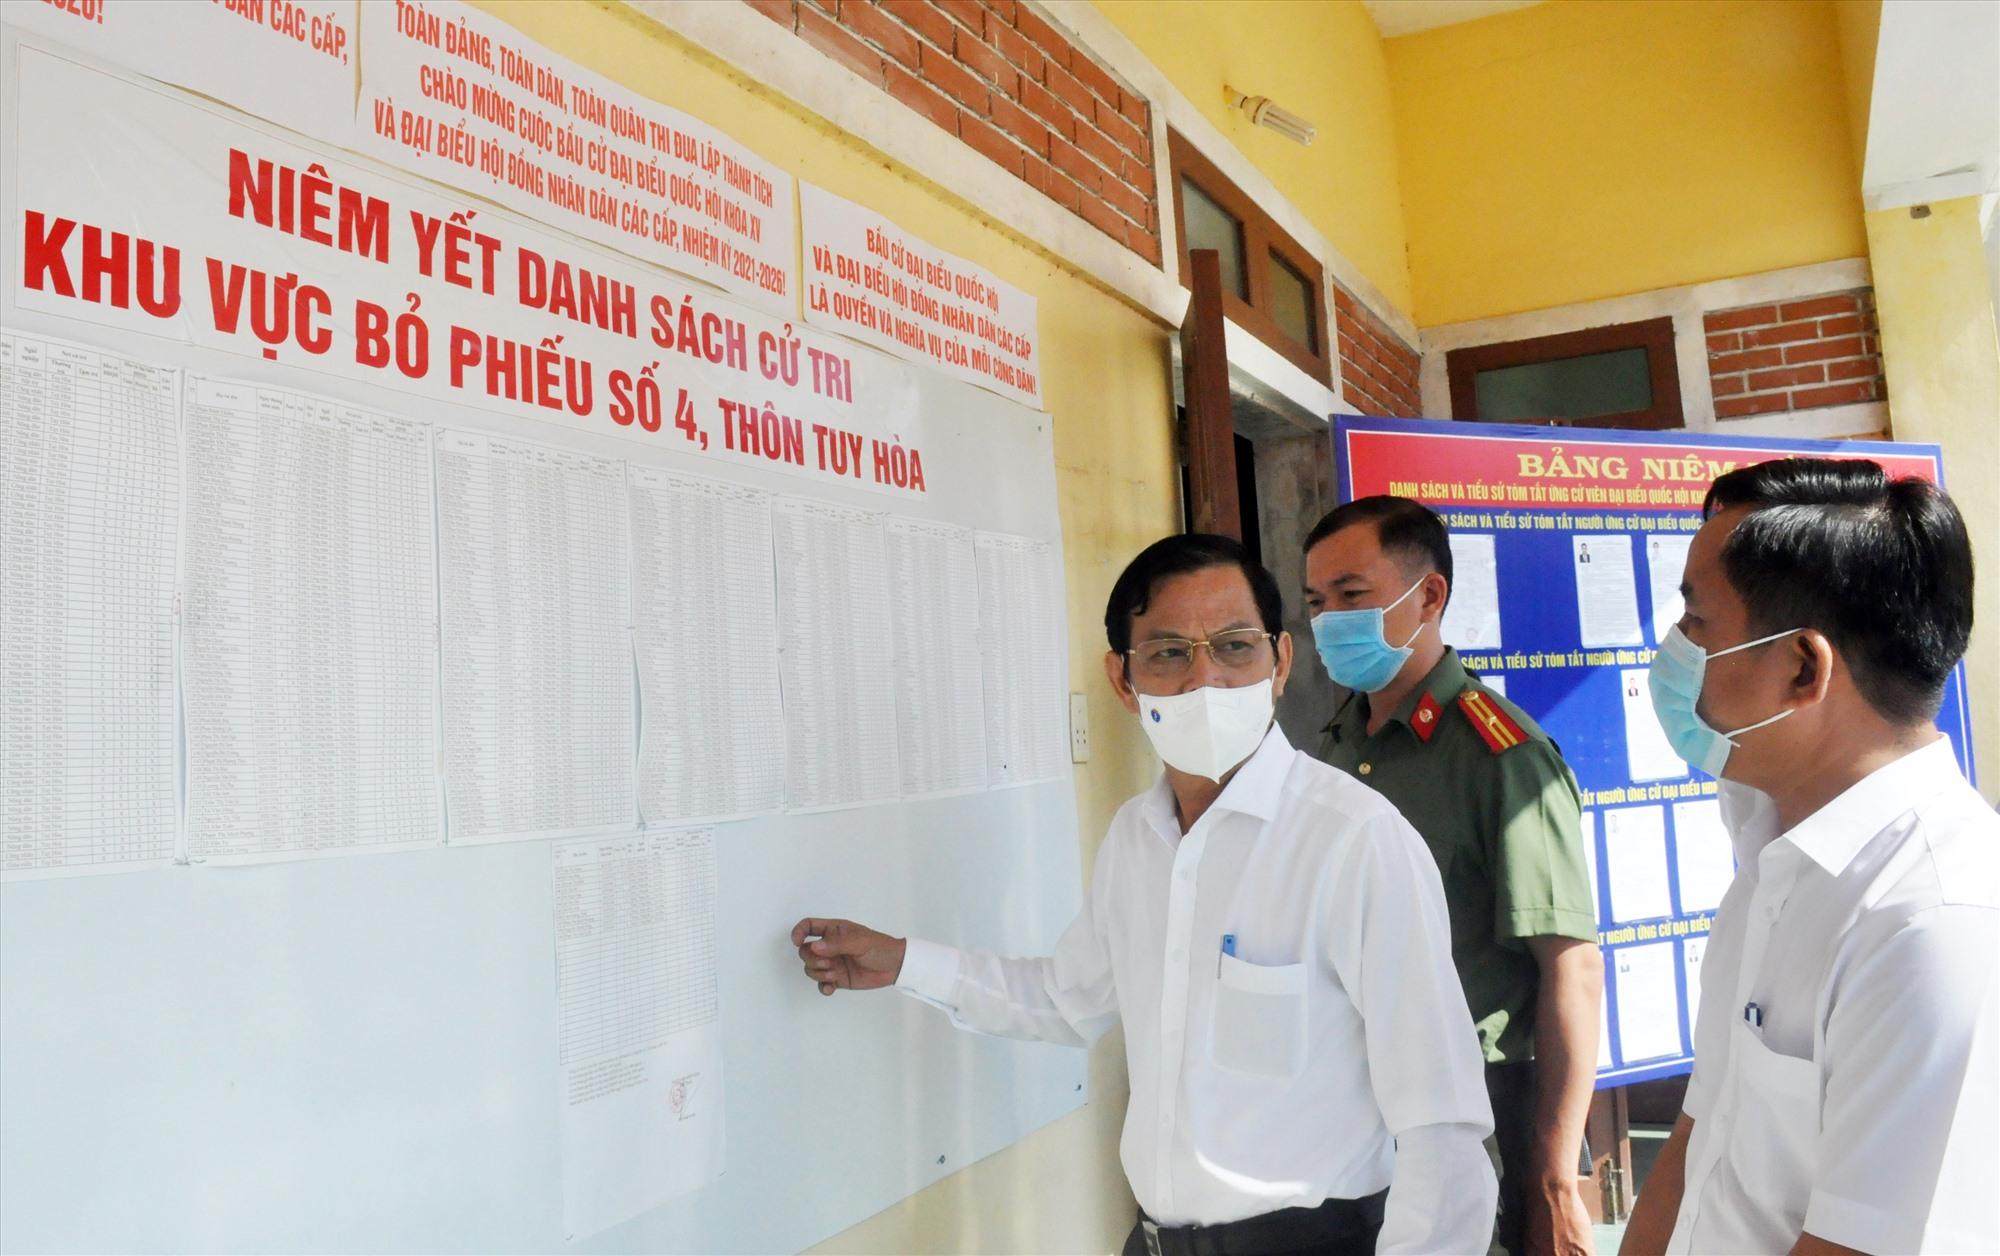 Trưởng ban Tổ chức Tỉnh ủy Nguyễn Chín - Trưởng đoàn kiểm tra số 2 của UBBC tỉnh kiểm tra thực tế tại khu vực bỏ phiếu số 4 (thôn Tuy Hòa, xã Bình Sơn, Hiệp Đức).